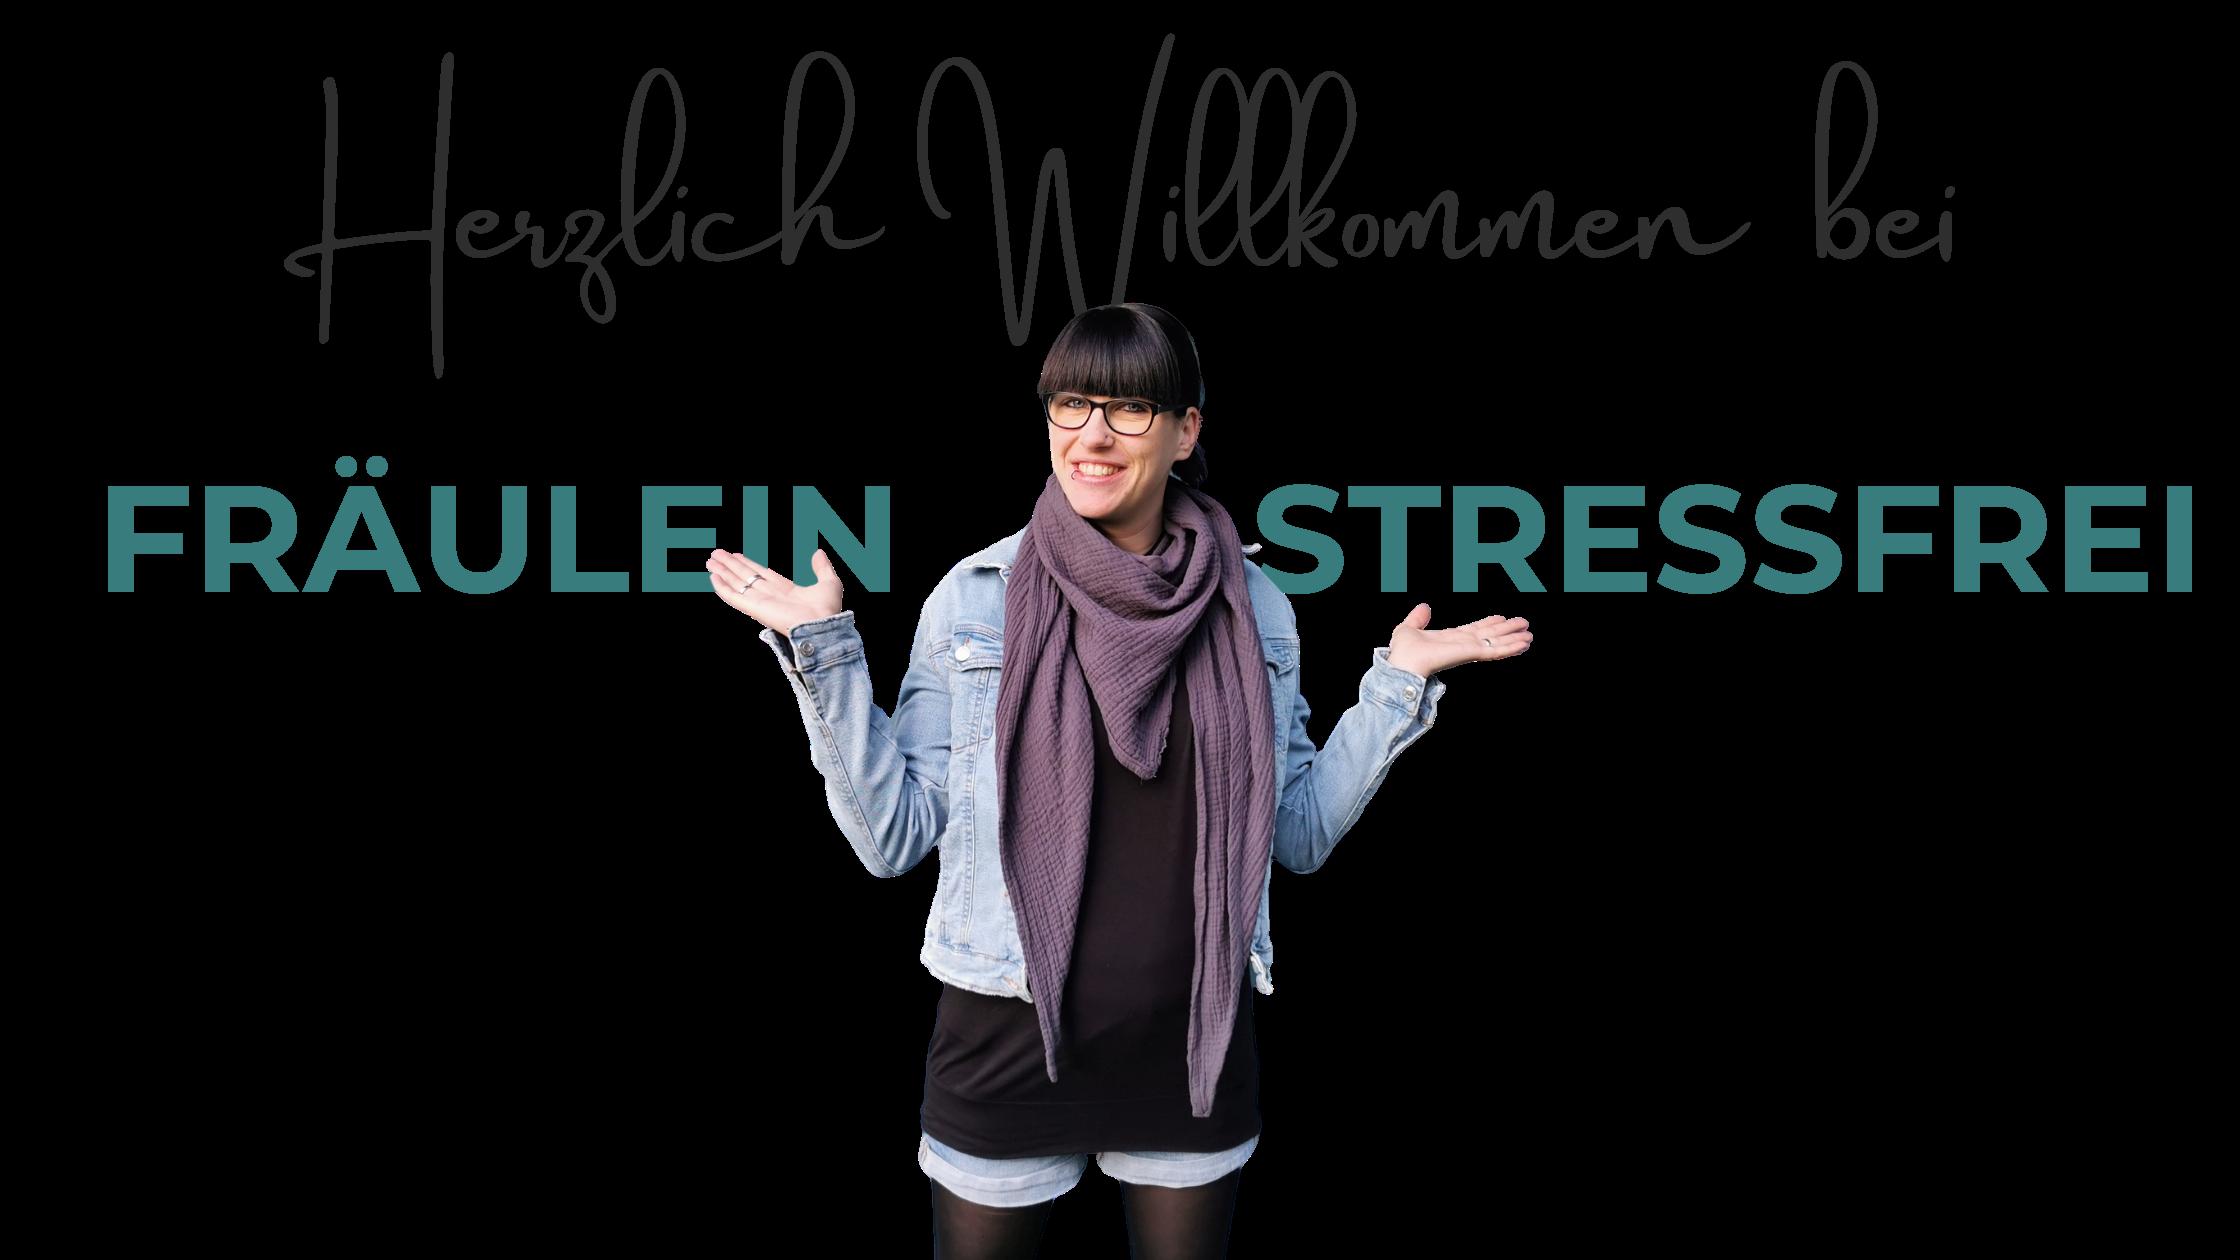 Willkommen bei Fraeulein Stressfrei